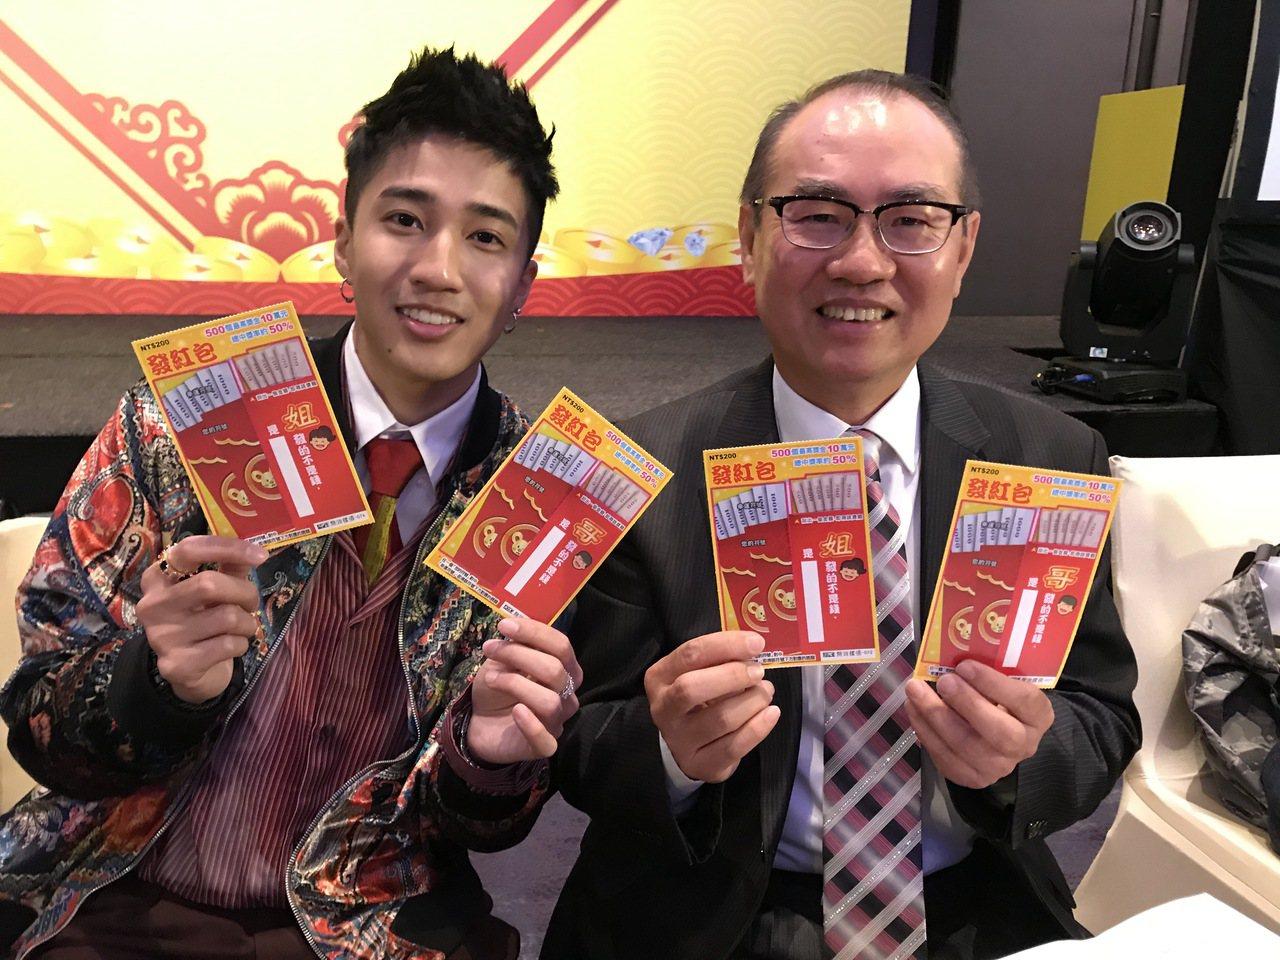 台彩總經理蔡國基(右)與饒舌歌手俊碩(左)秀刮刮樂新品「發紅包」。記者陳怡慈/攝...